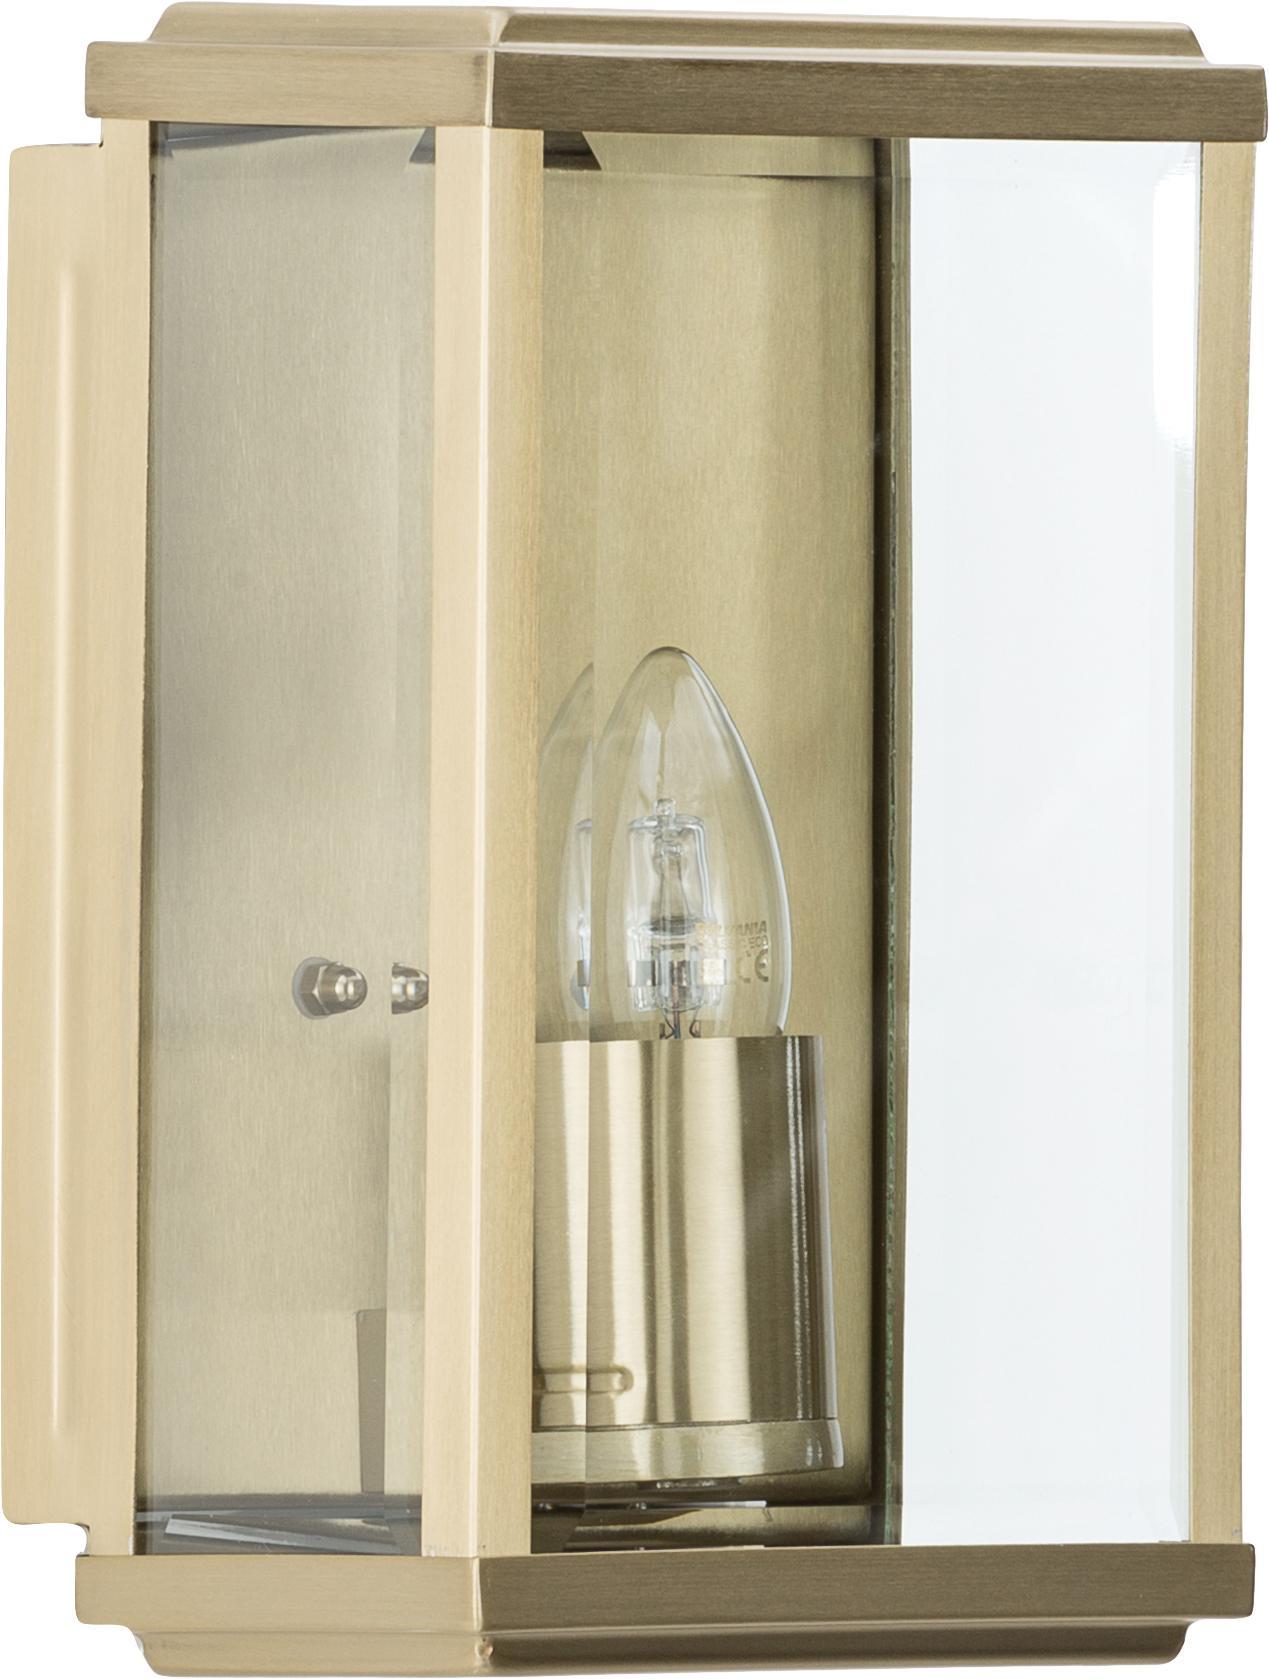 Applique industriale da esterno Wally, Acciaio inossidabile ottonato  con inserto di vetro, Ottone, antico, trasparente, Larg. 16 x Alt. 25 cm